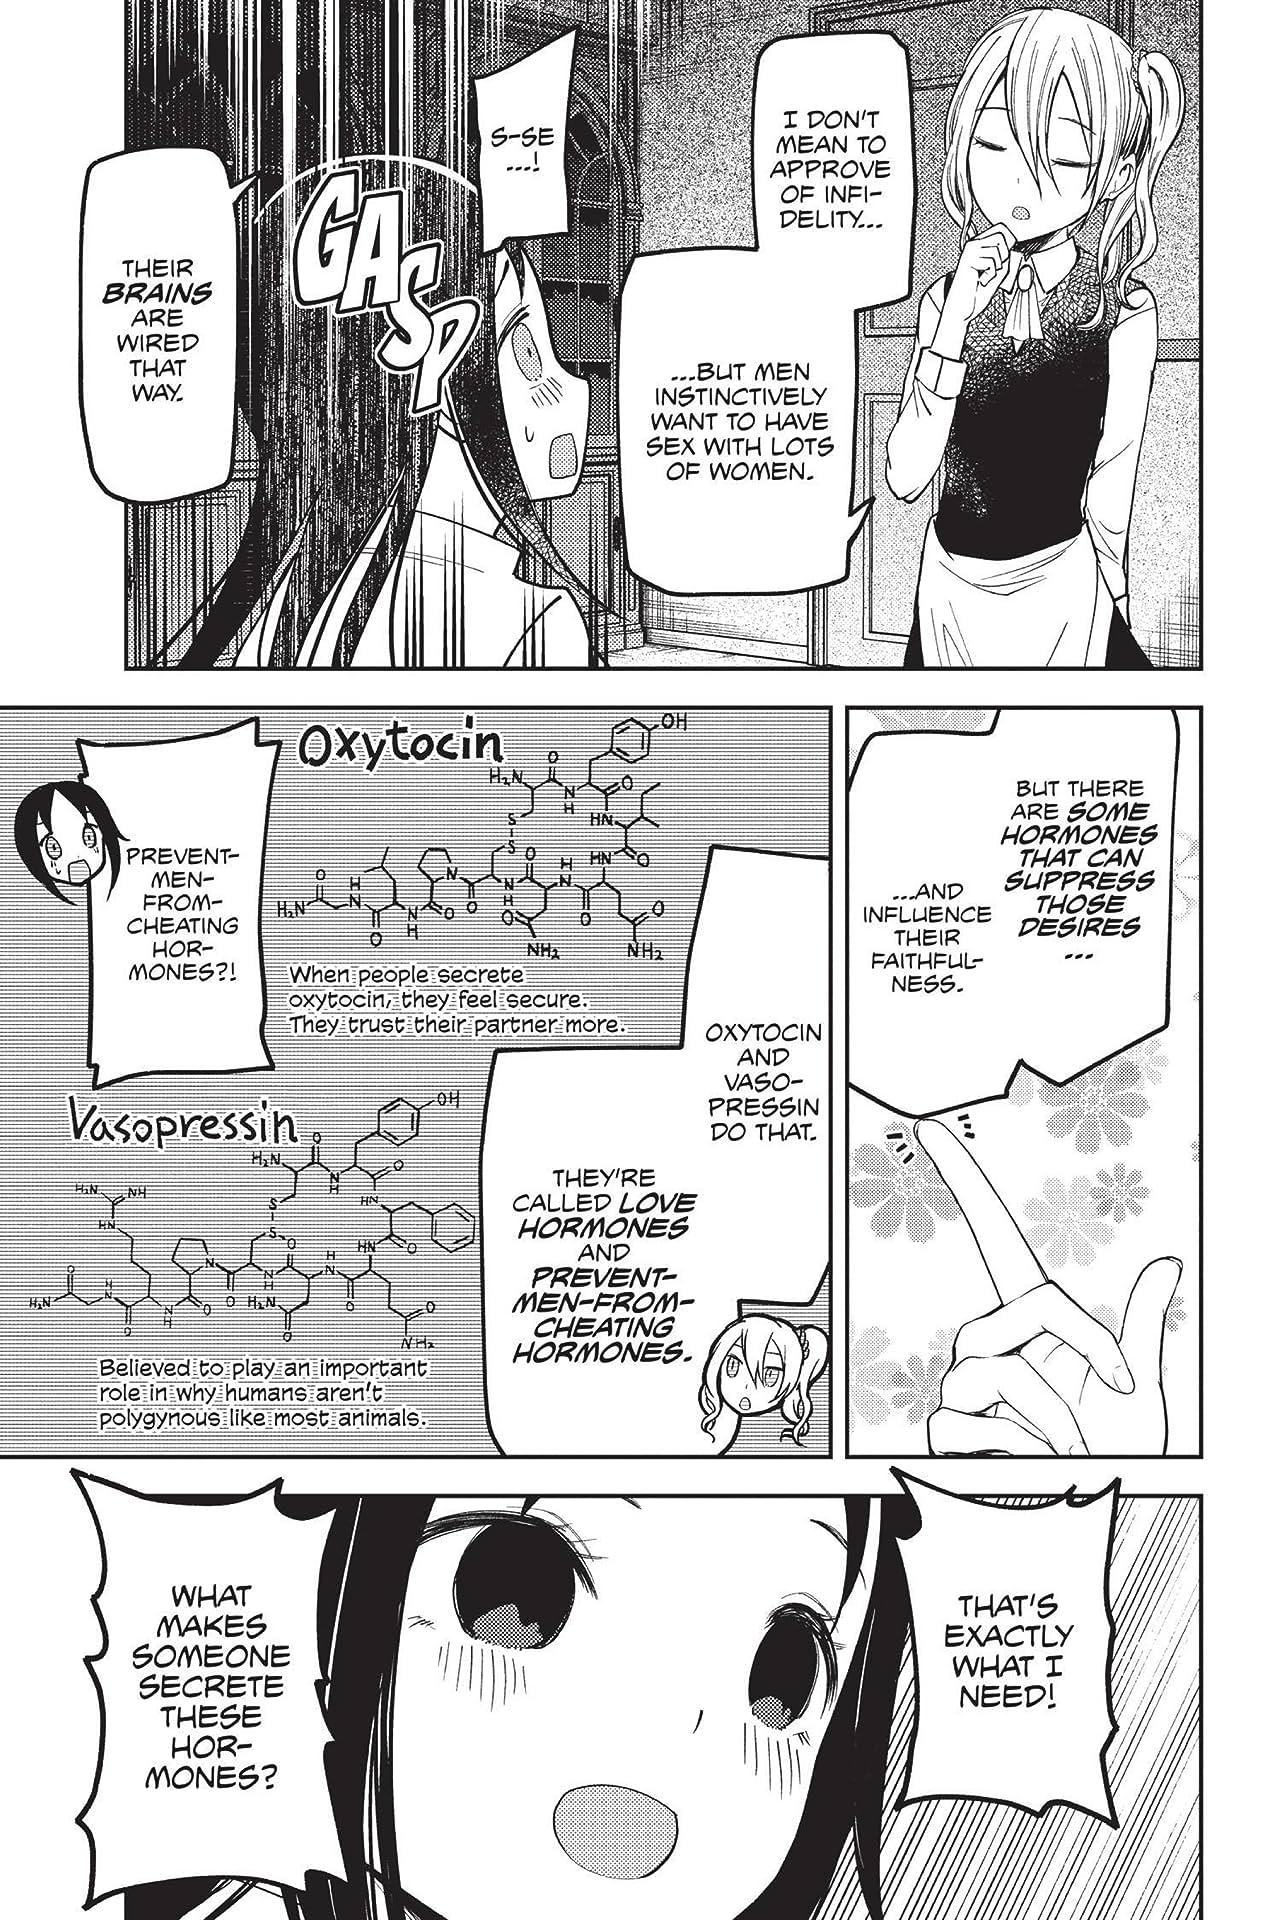 Kaguya-sama: Love Is War Vol. 8